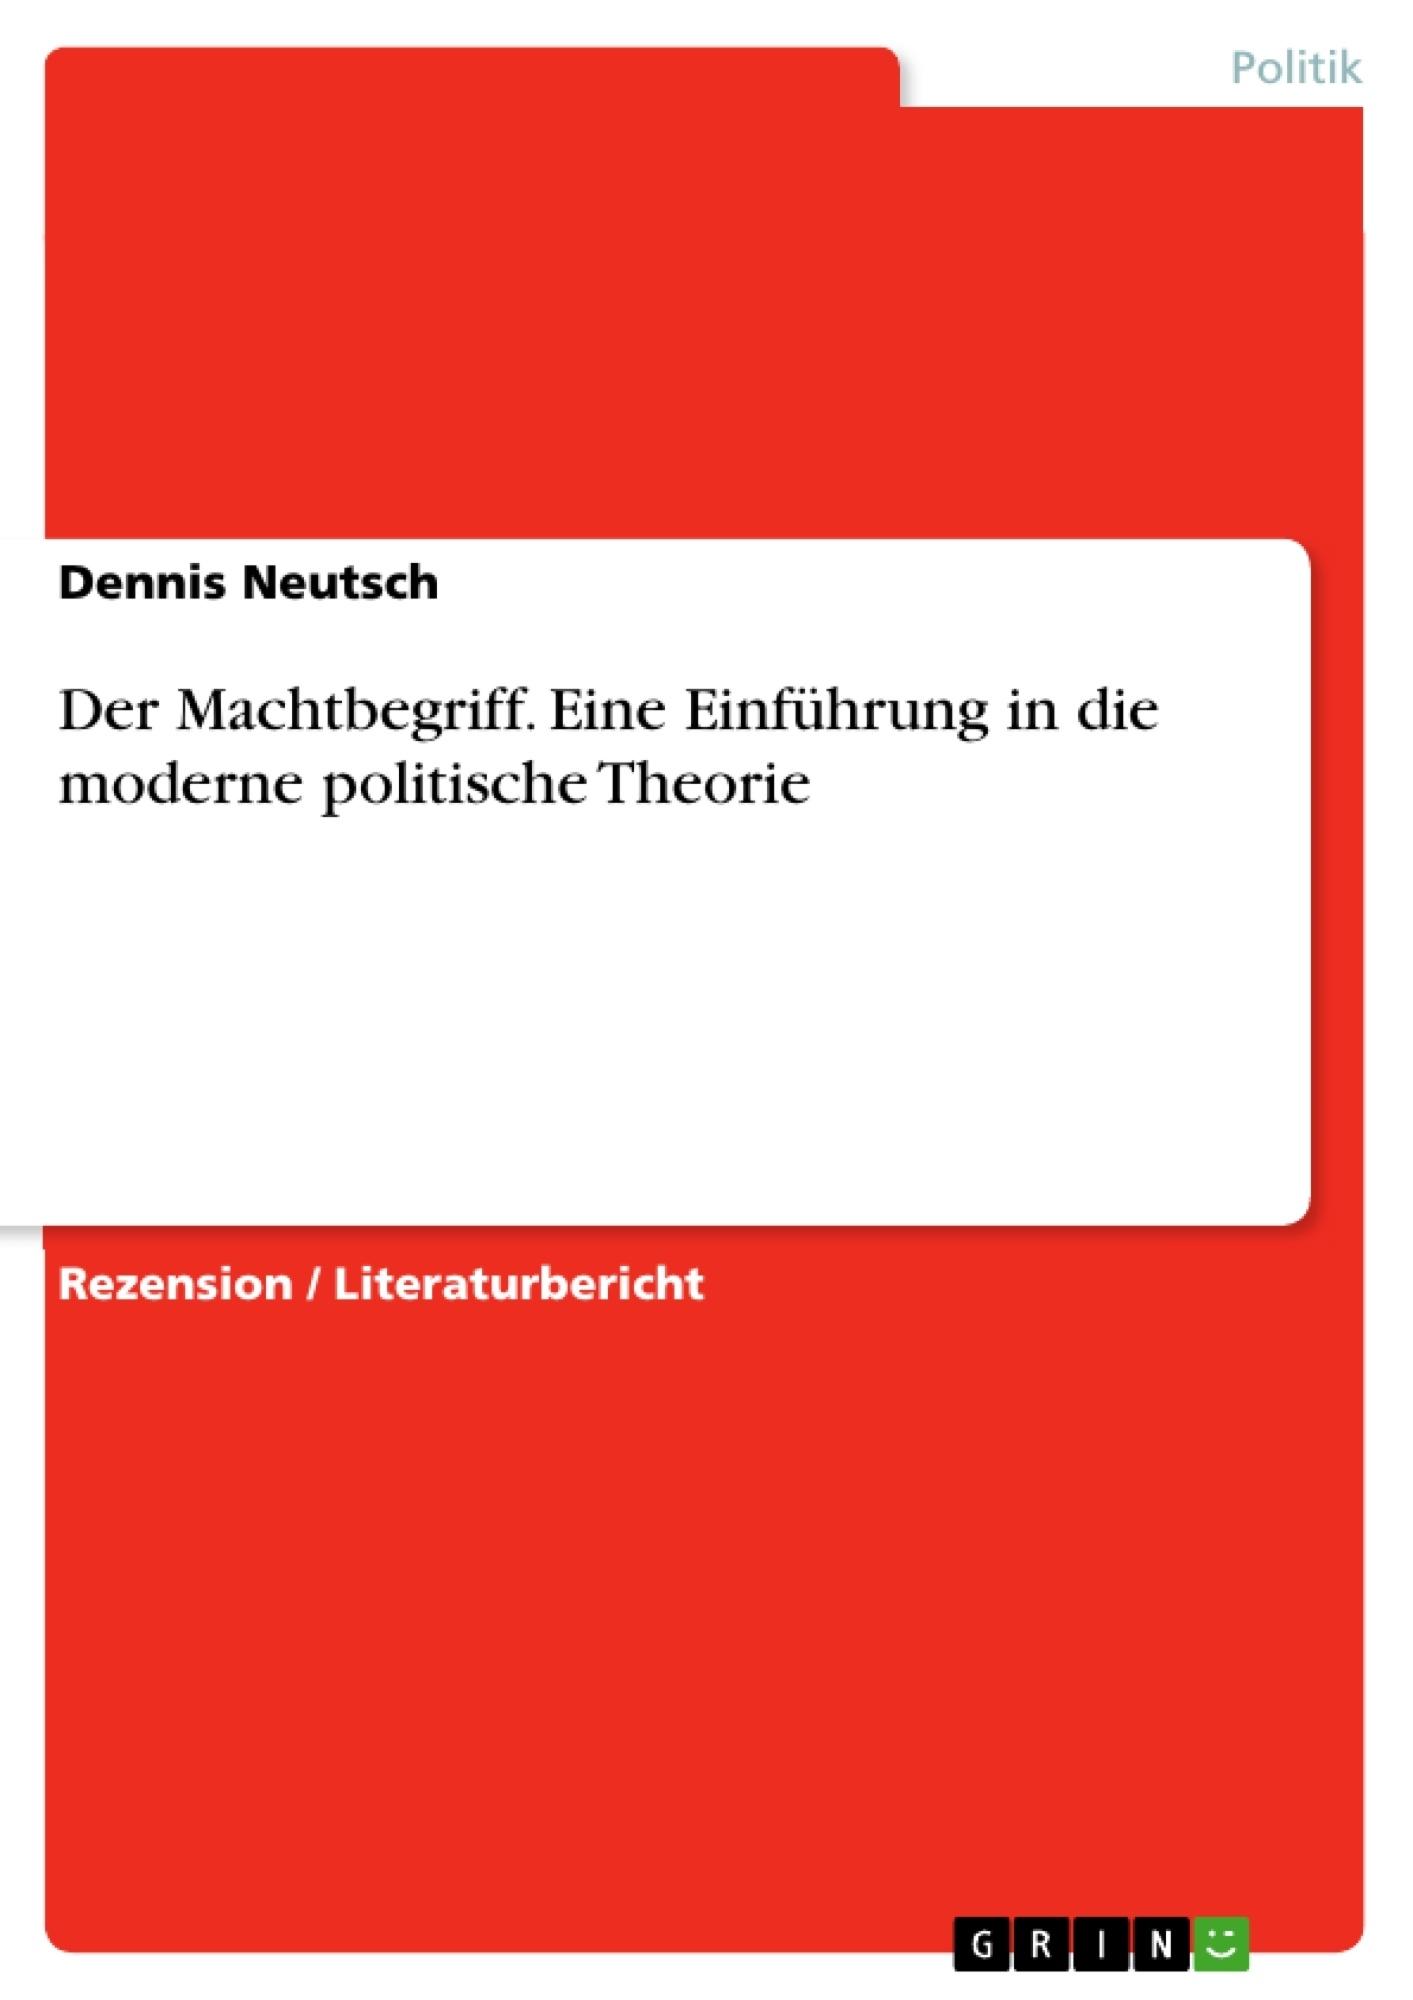 Titel: Der Machtbegriff. Eine Einführung in die moderne politische Theorie